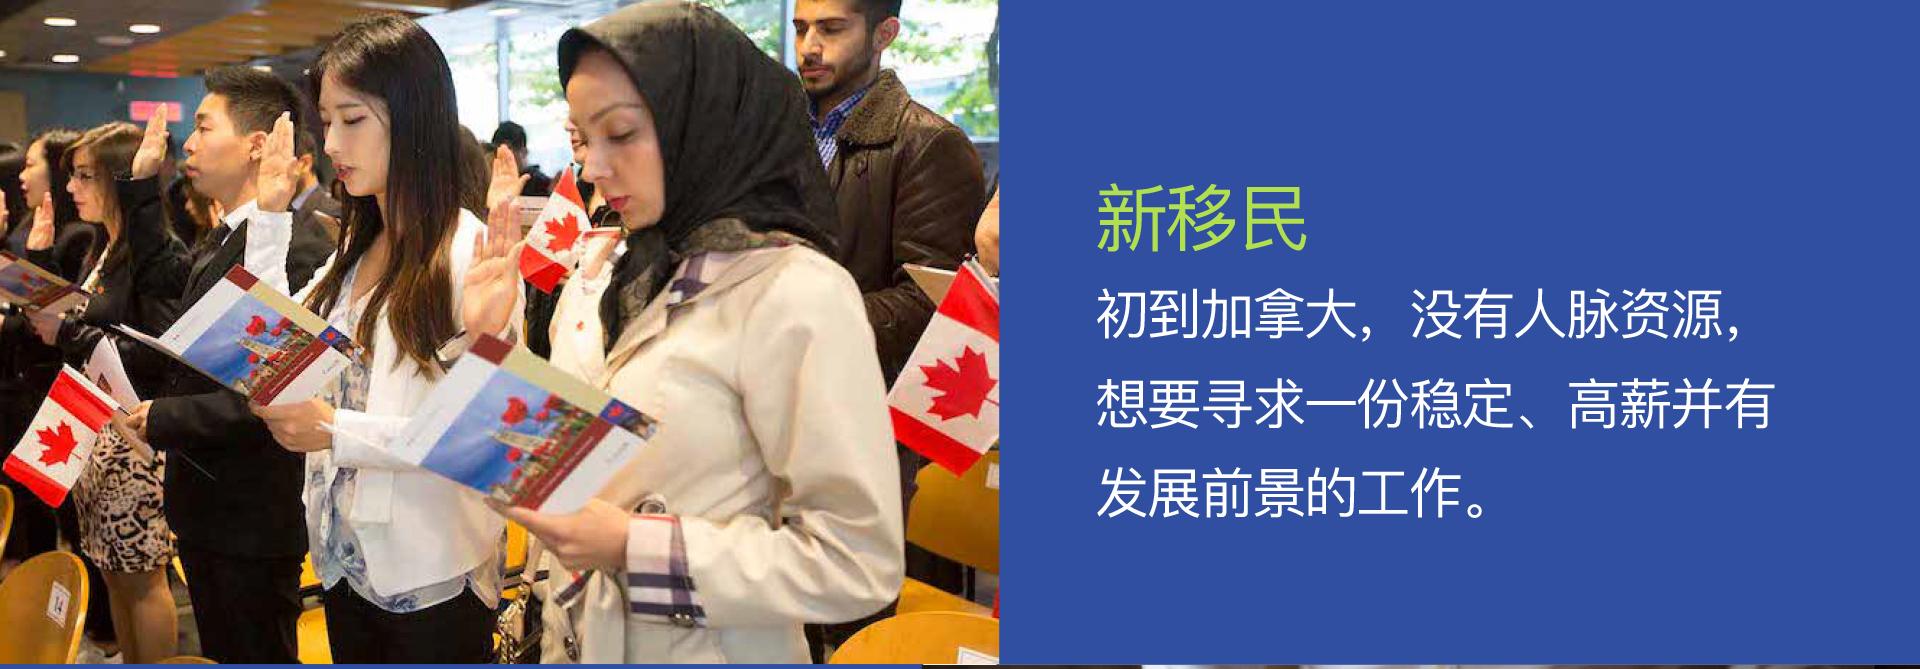 新移民 - 初到加拿大,没有人脉资源,想要寻求一份稳定、高薪并有发展前景的工作。